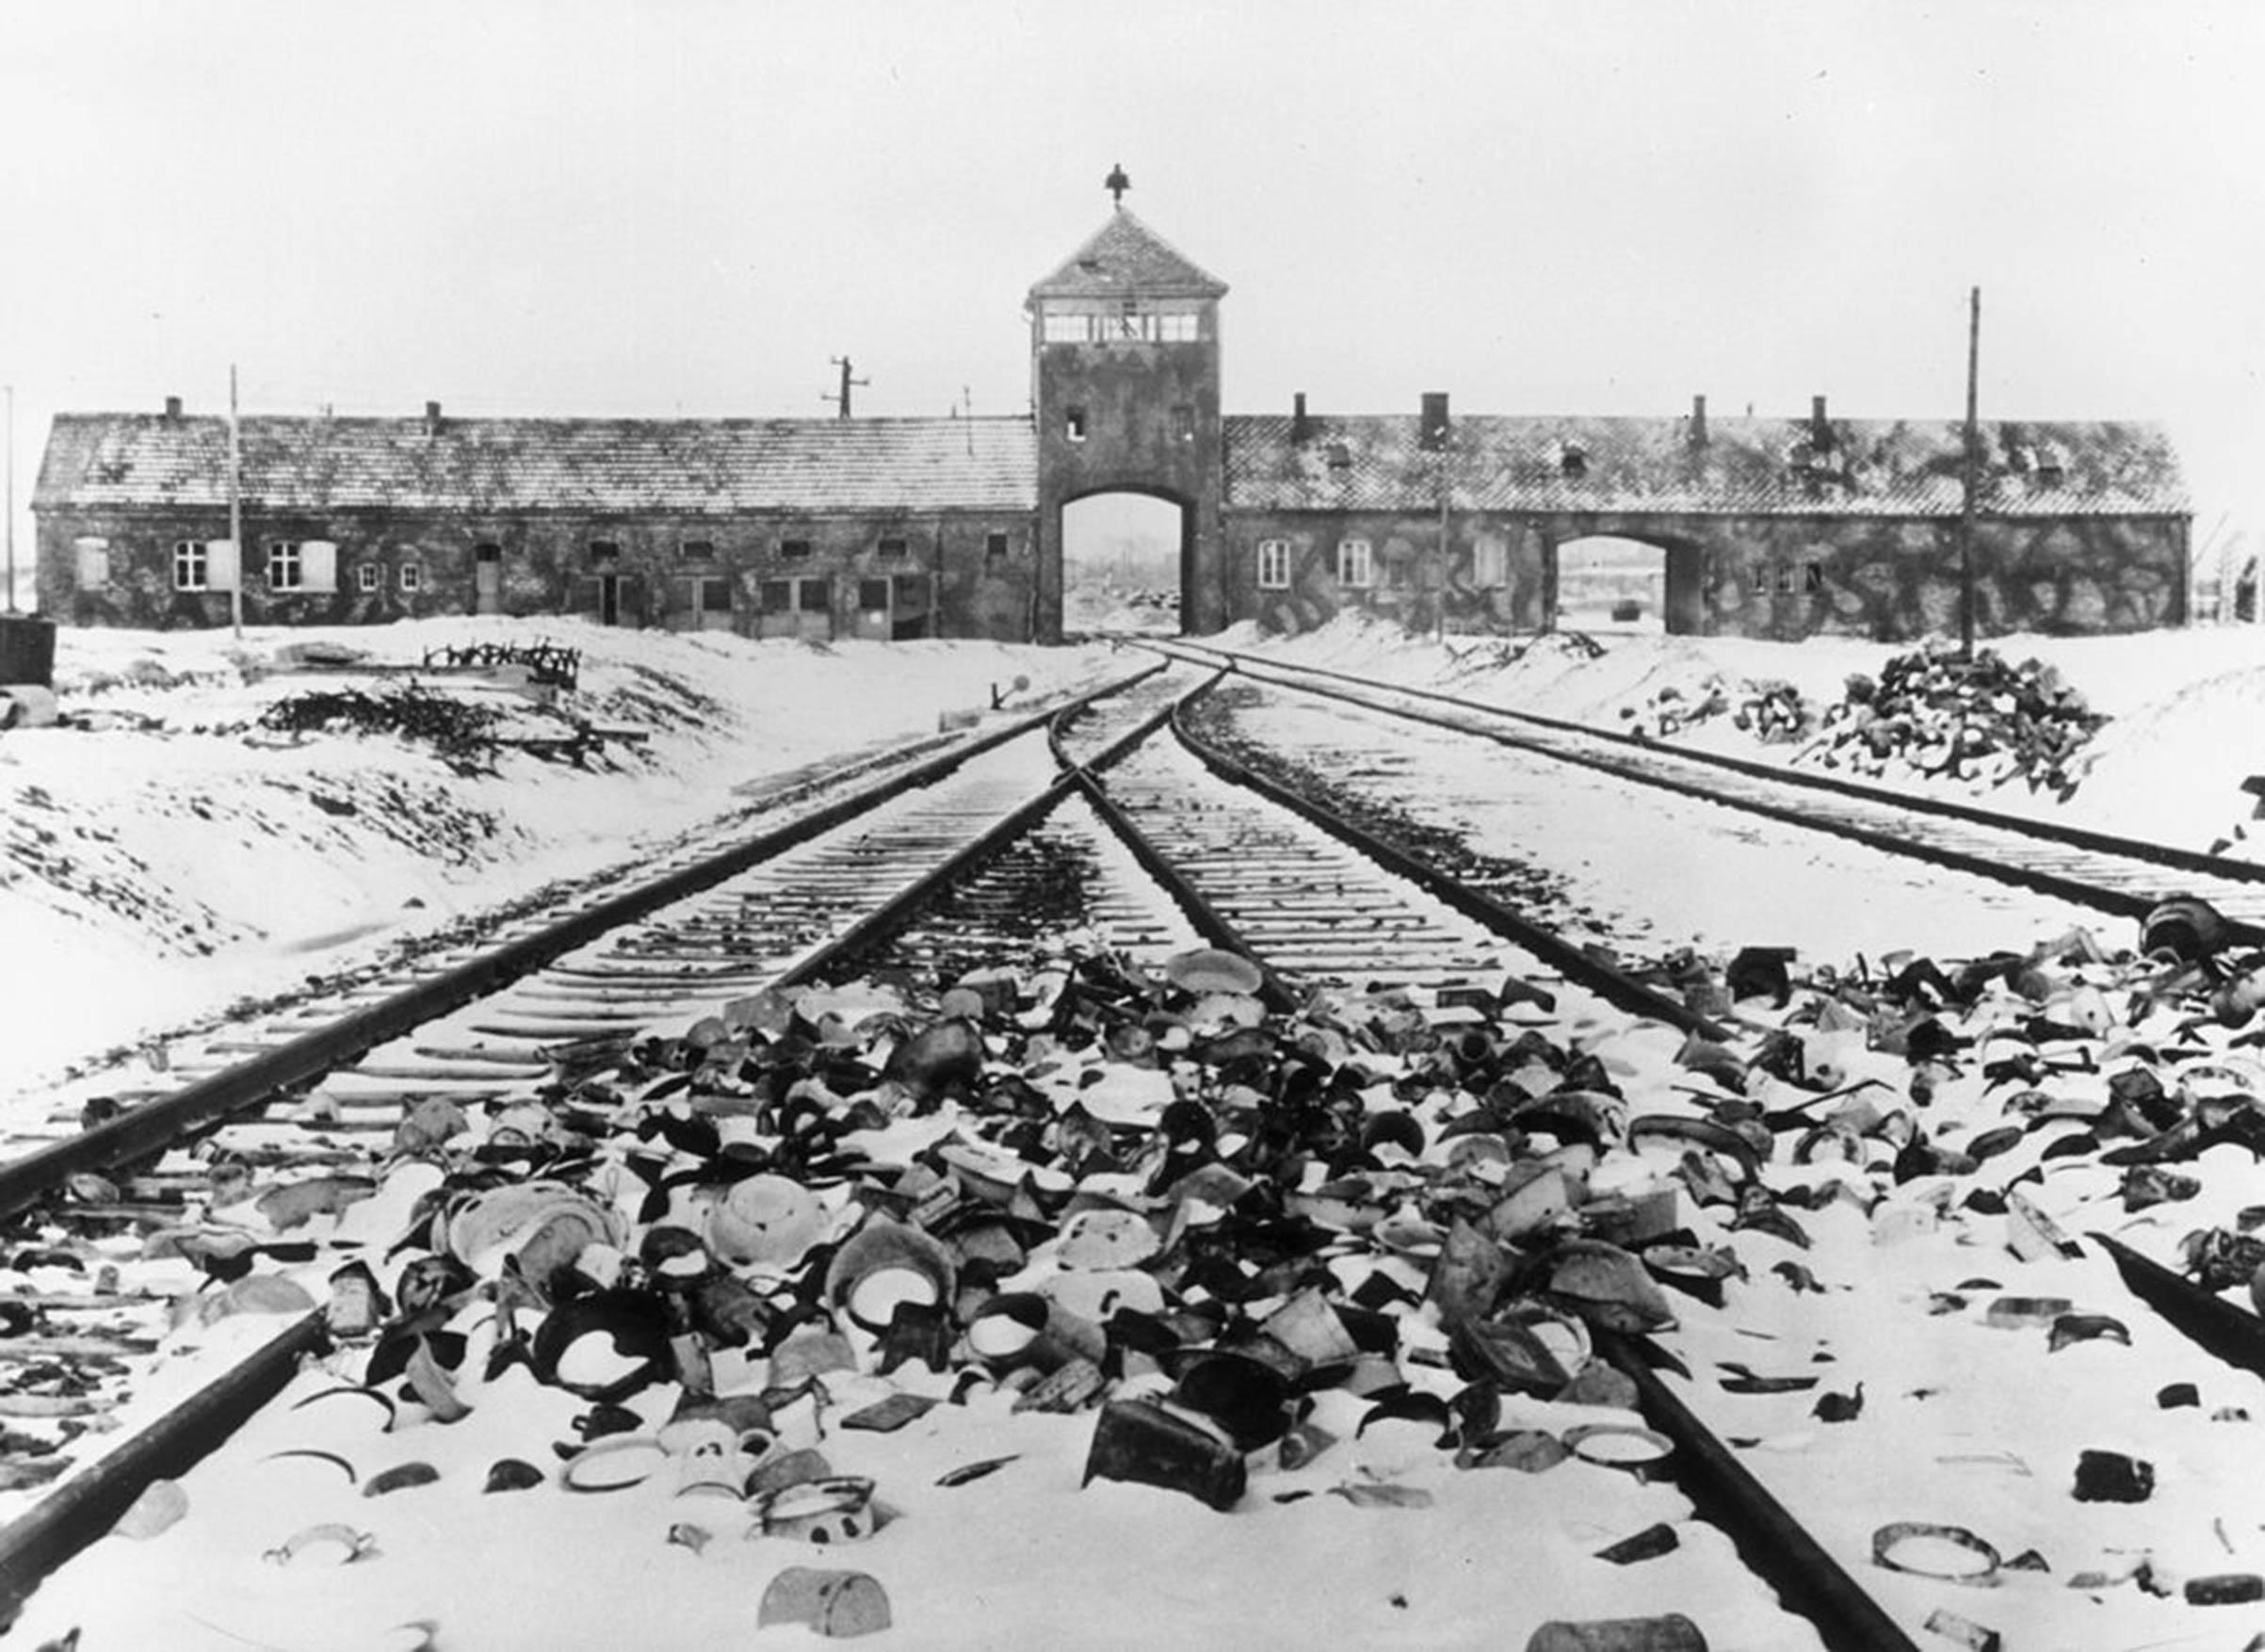 Ημέρα Μνήμης Ολοκαύτωμα: 27 Ιανουαρίου απελευθερώθηκε το Άουσβιτς